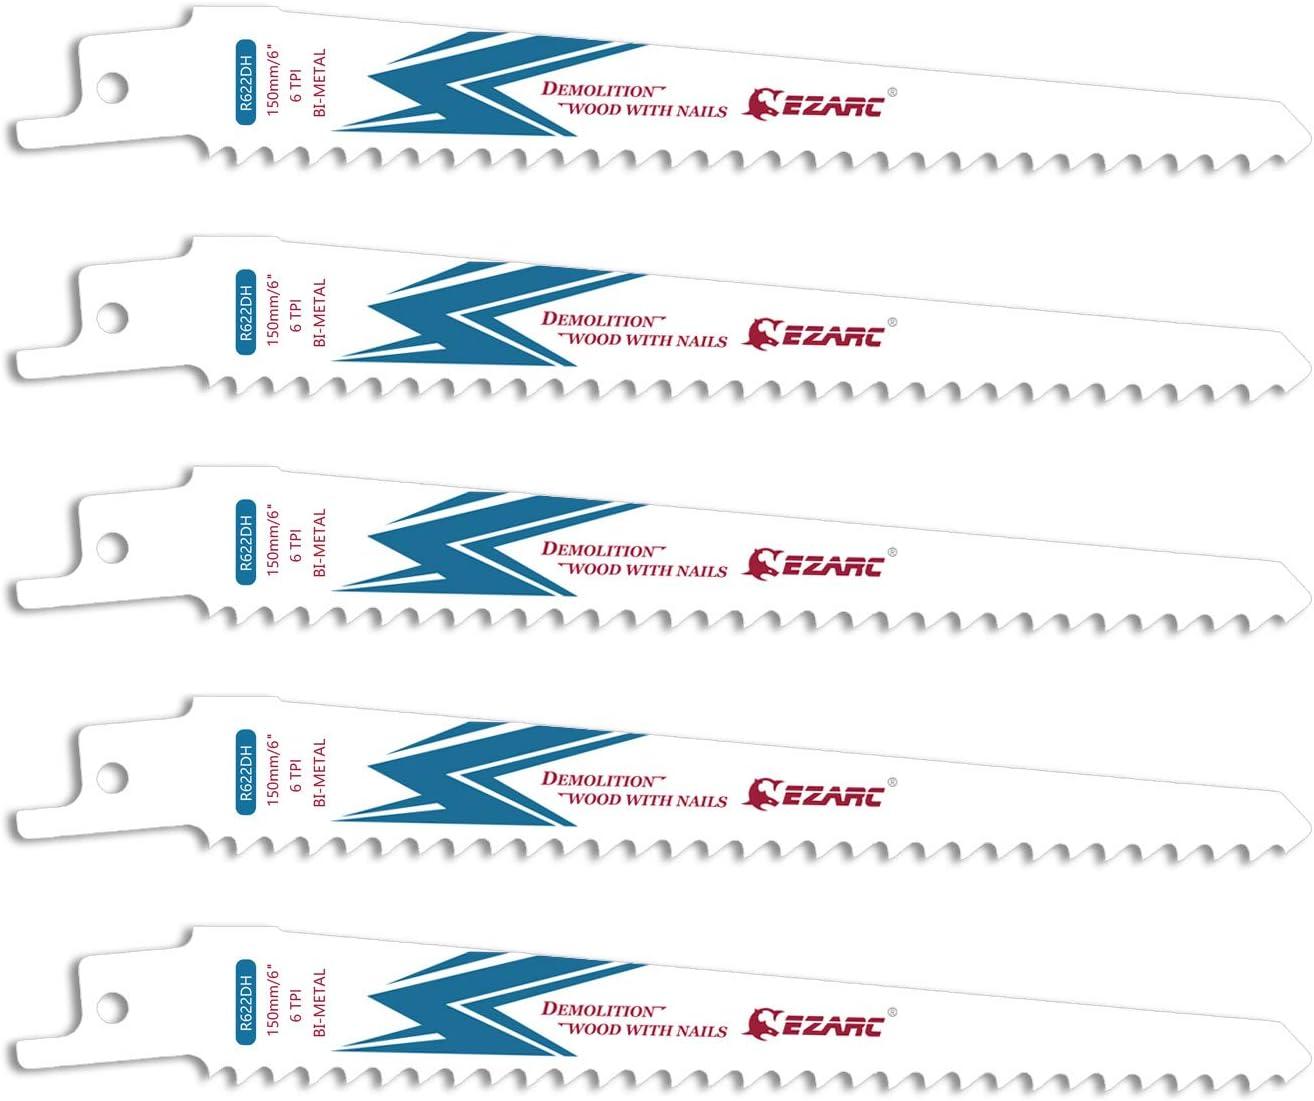 EZARC Hojas de sierra sable Bimetálica Cobalt R622DH 150mm 6TPI puede Madera Clavada - 5 piezas